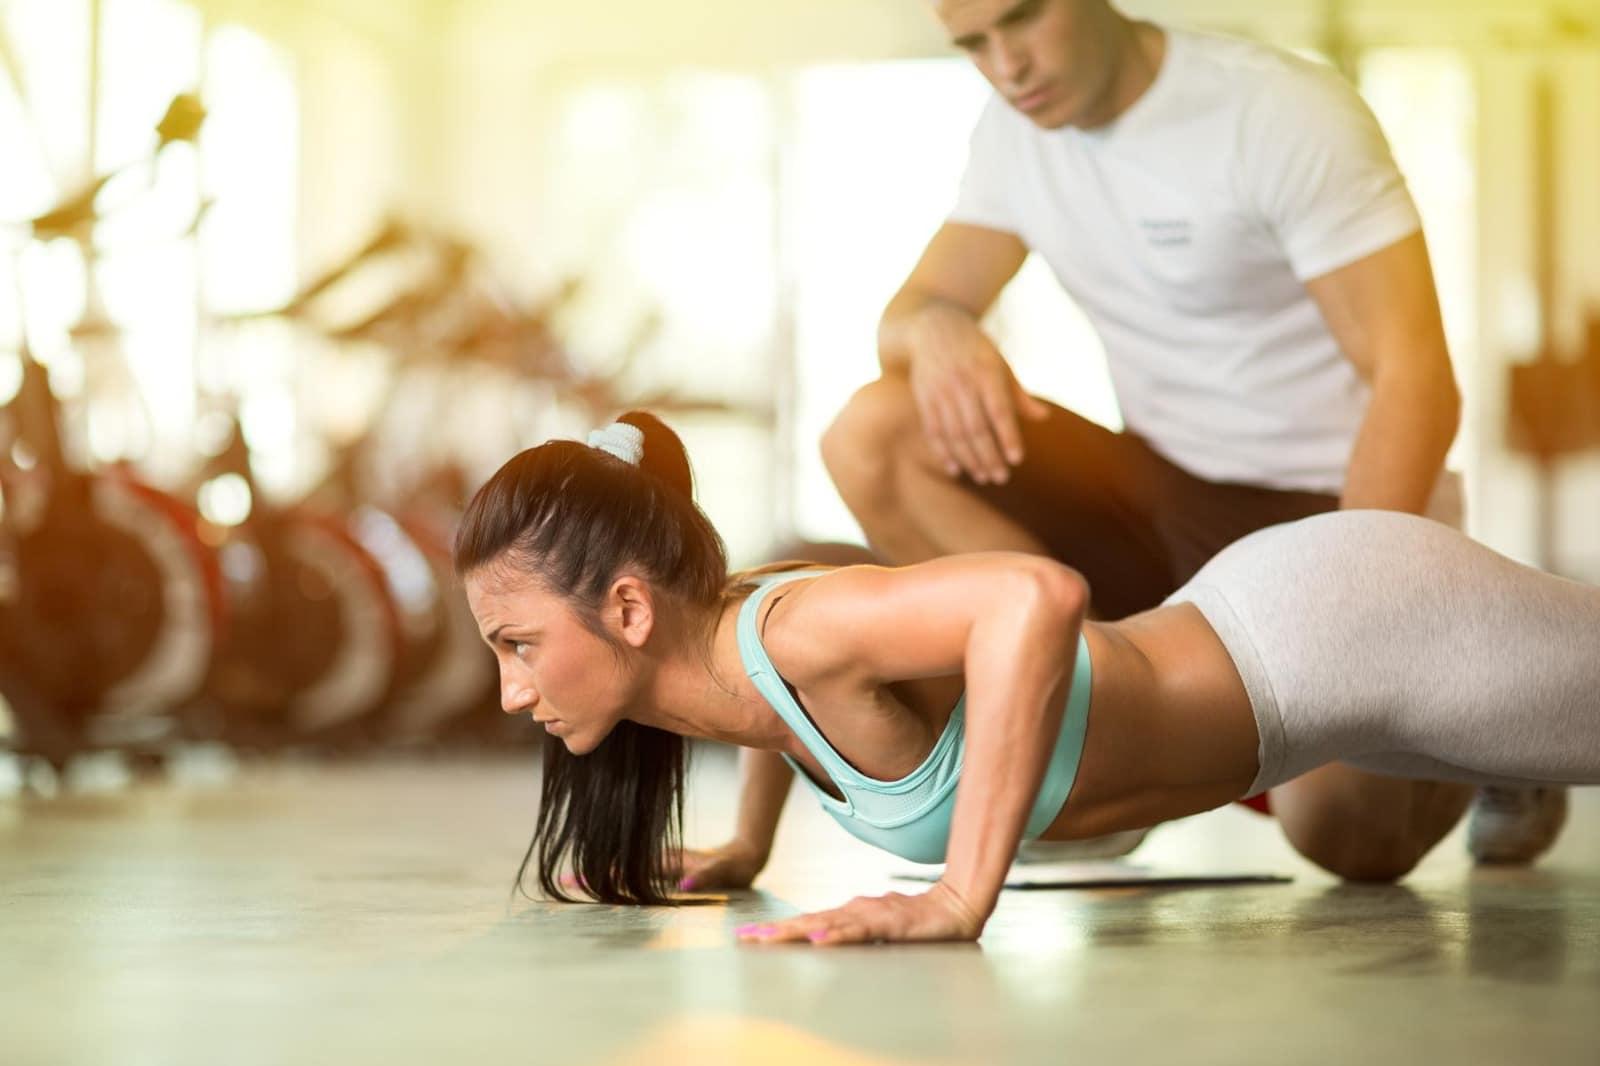 personal trainer istruttore preparazione atletica fisica potenziamento muscolare